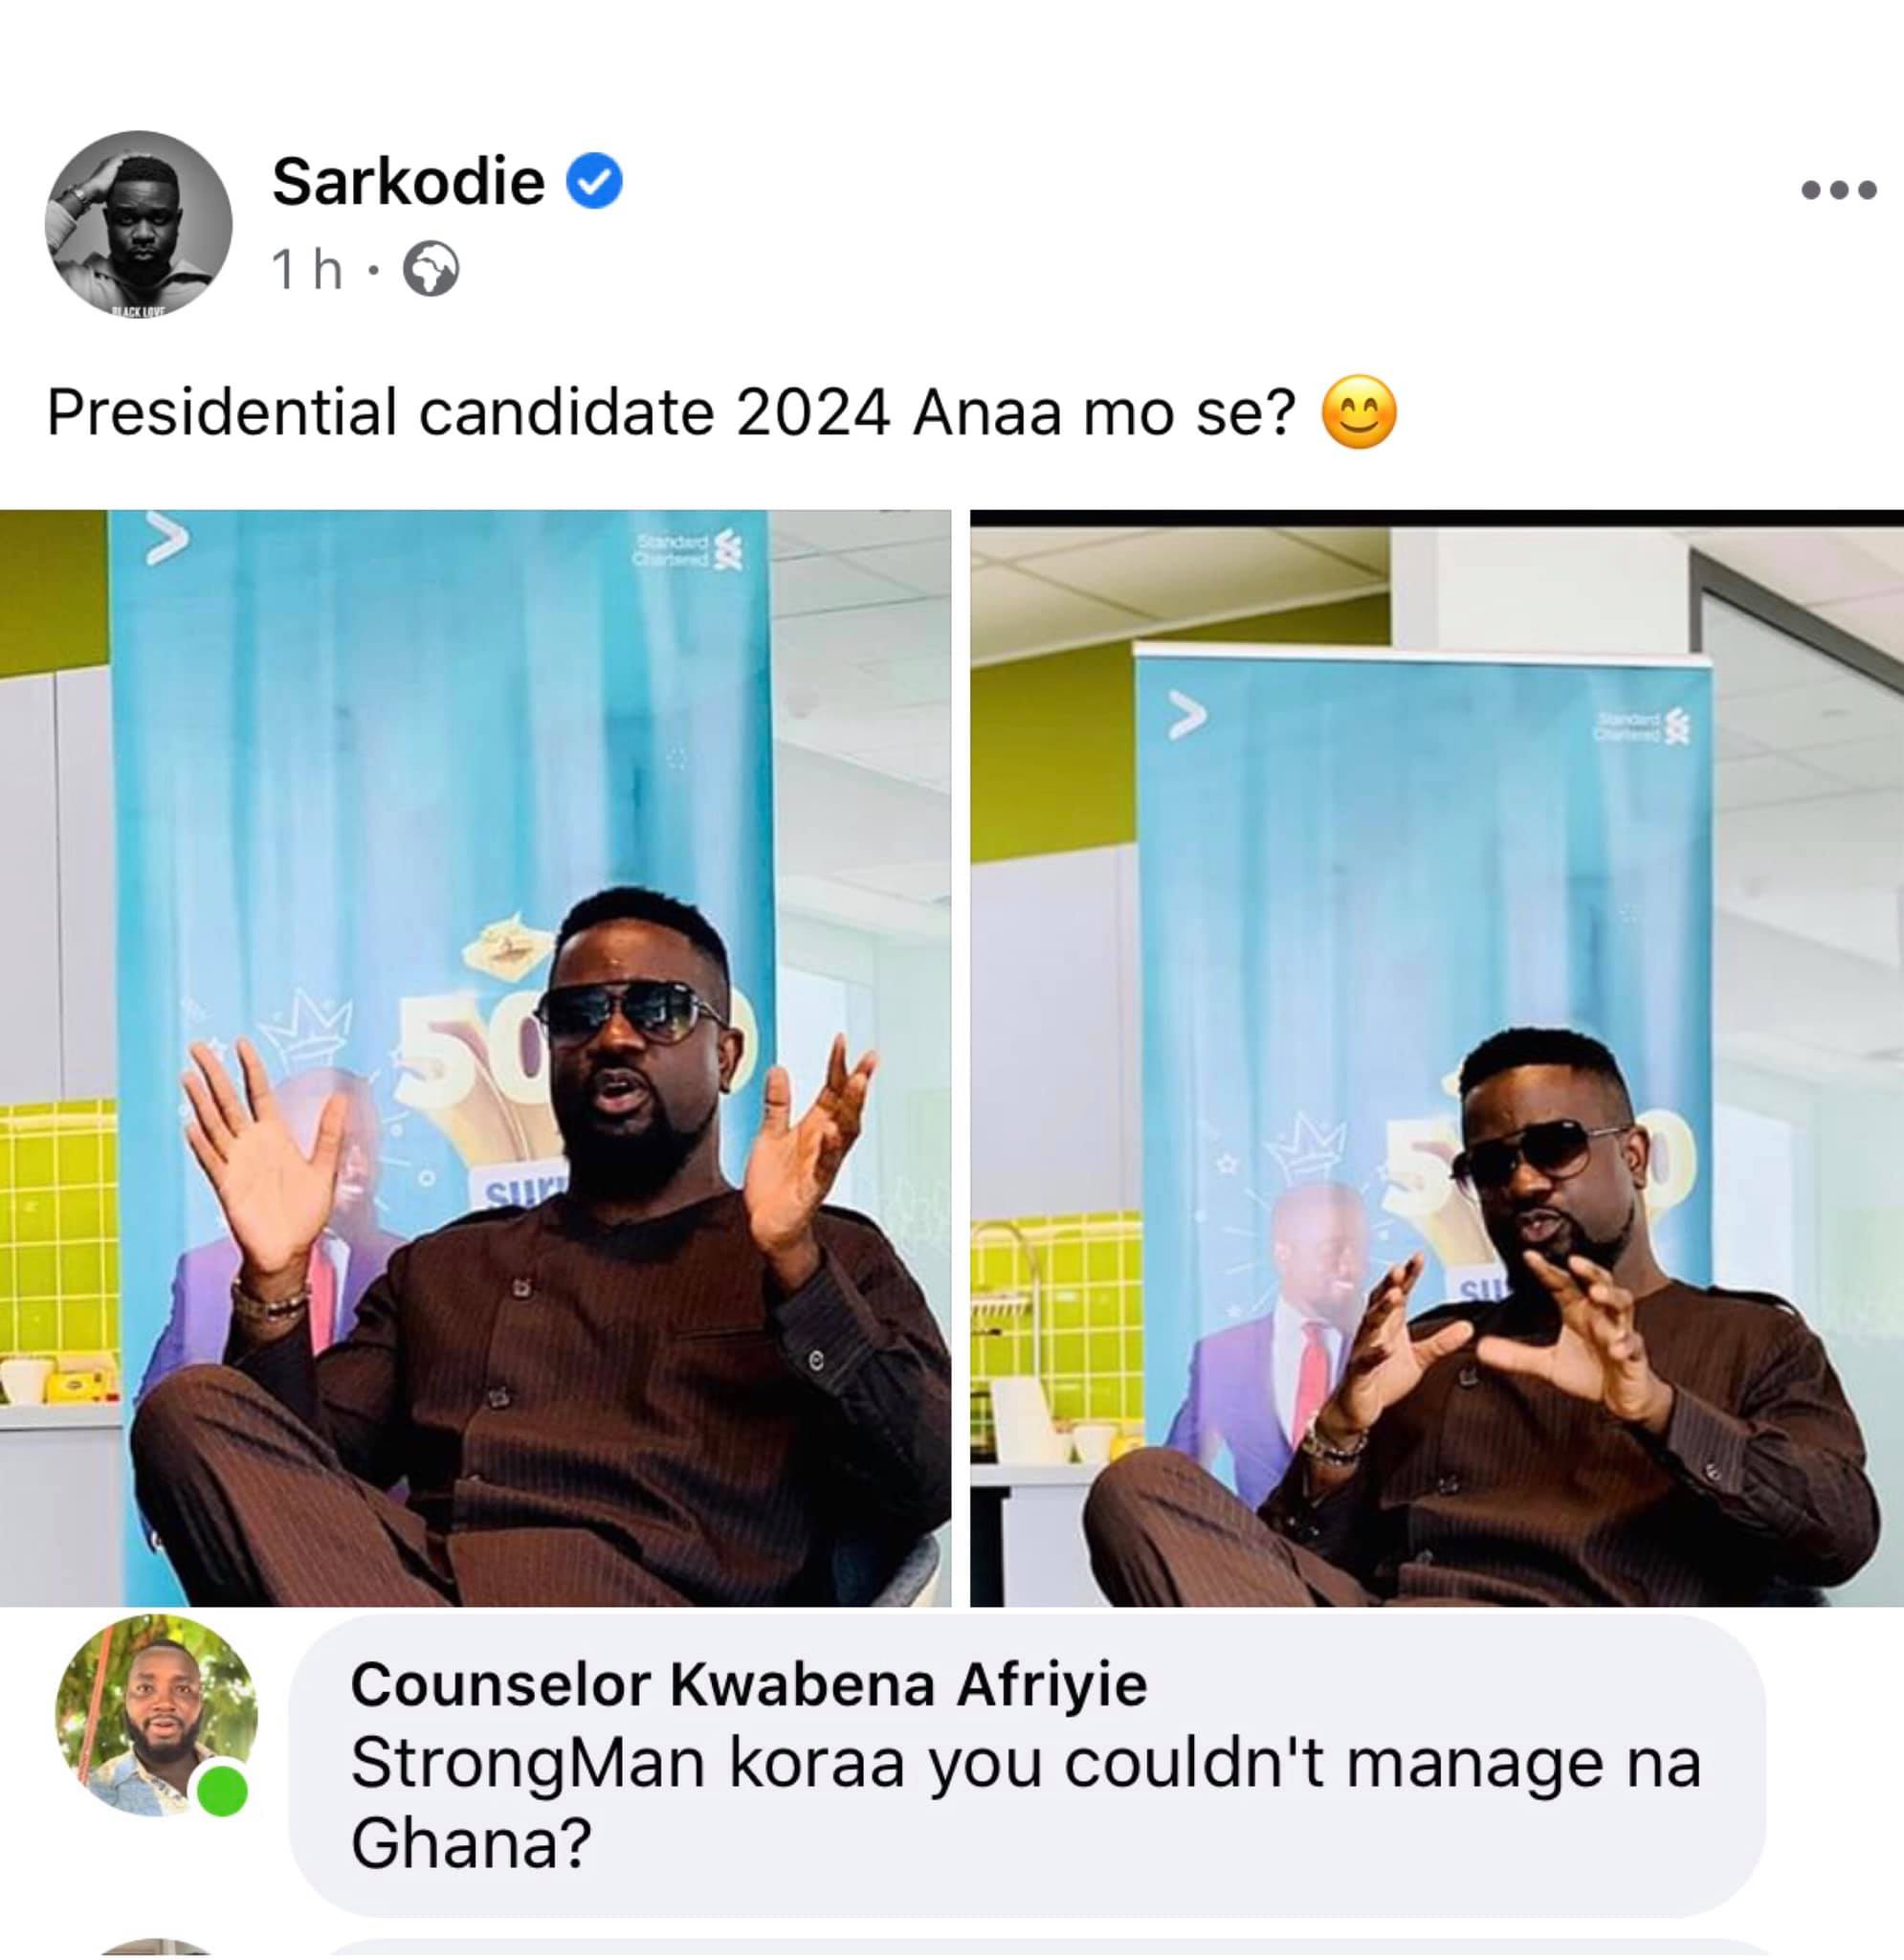 Sarkodie president